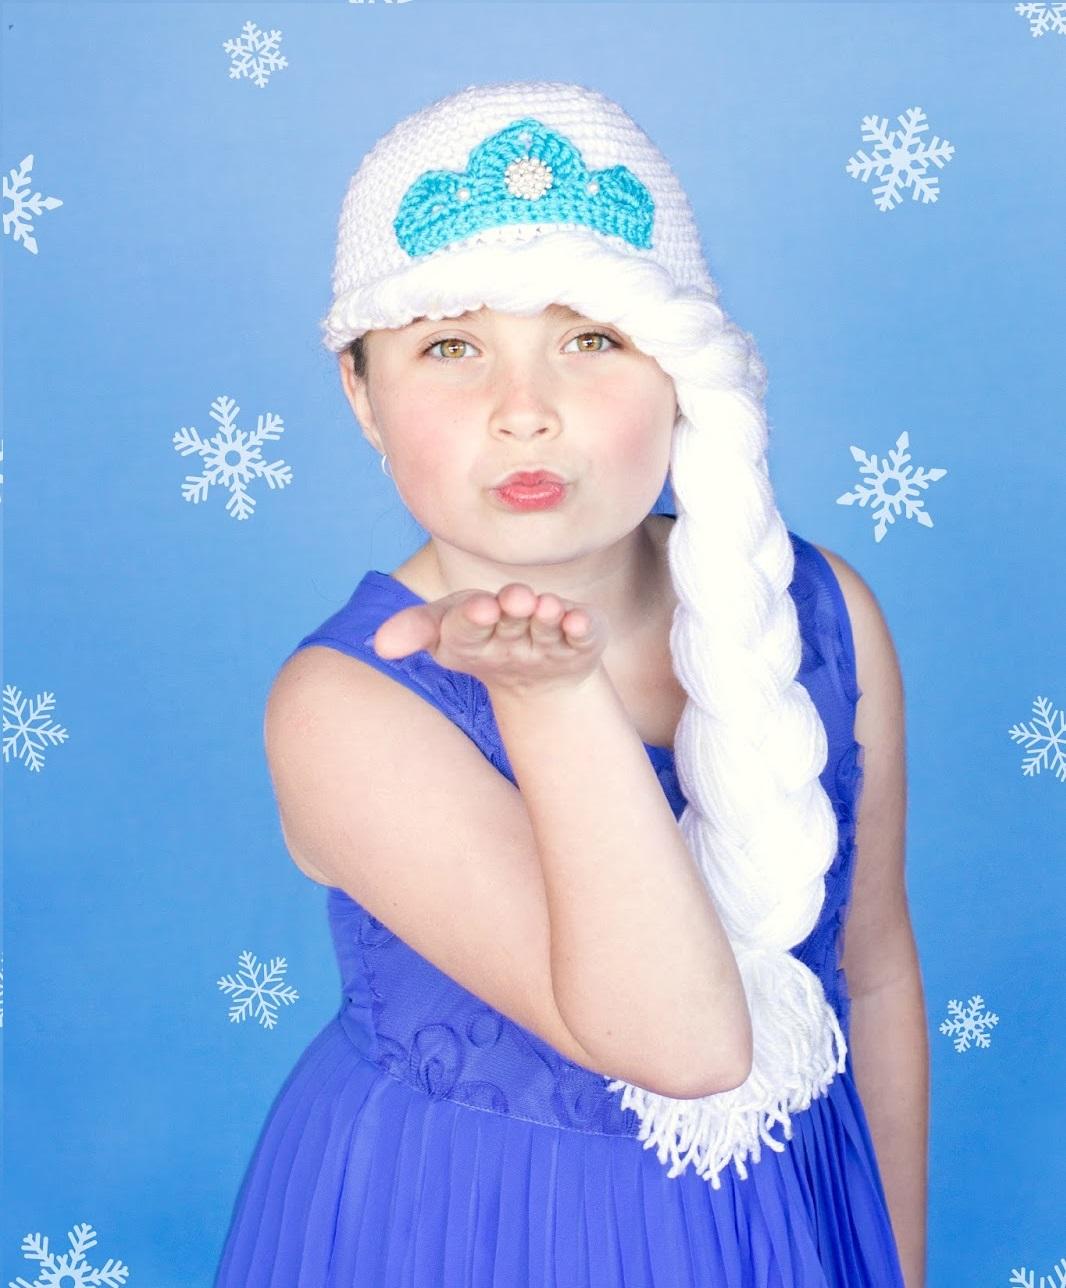 Frozen's Princess Elsa Inspired Hat